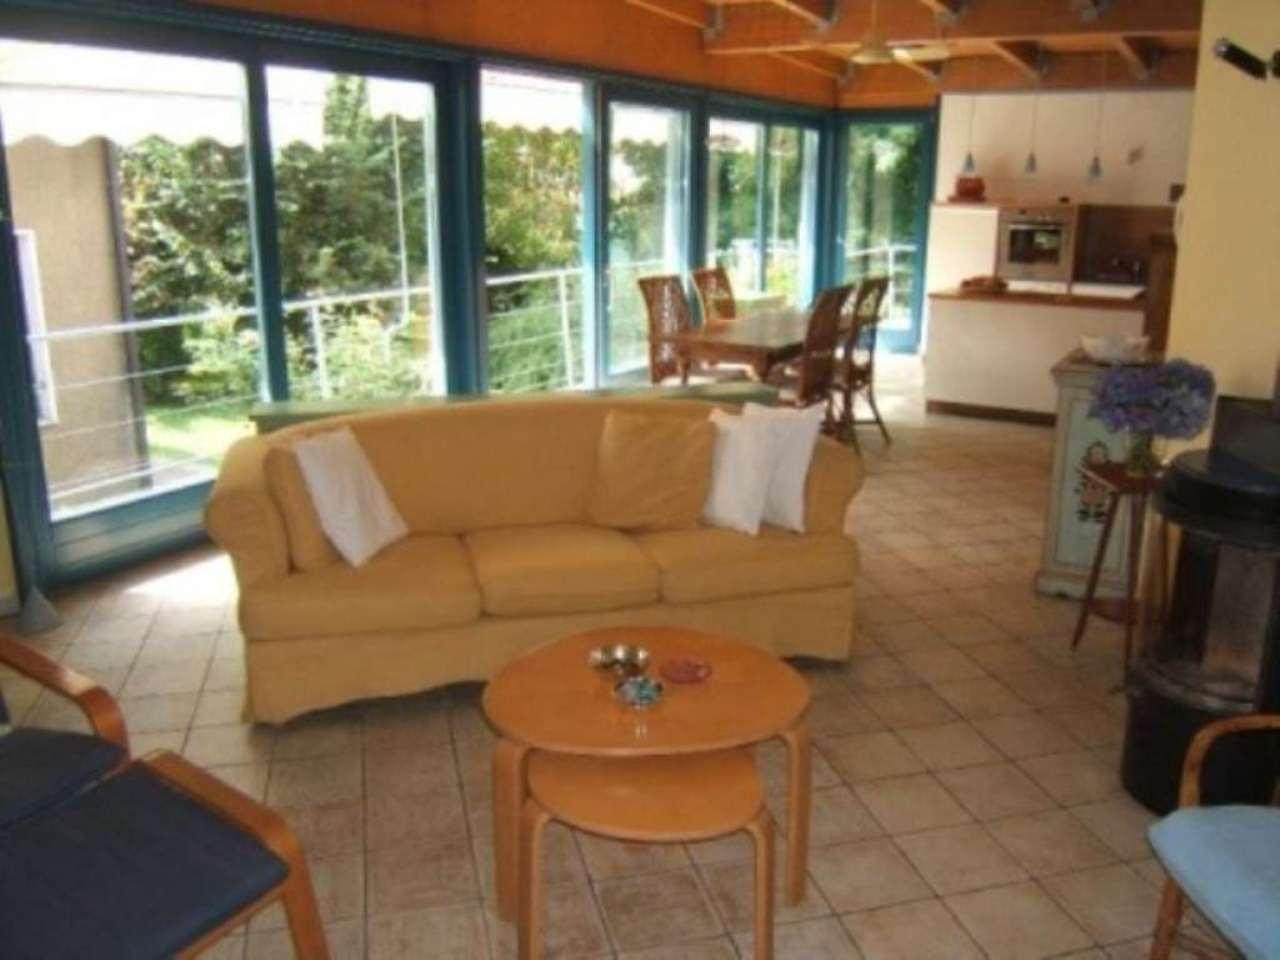 Villa in vendita a Sesto Calende, 4 locali, prezzo € 348.000 | CambioCasa.it